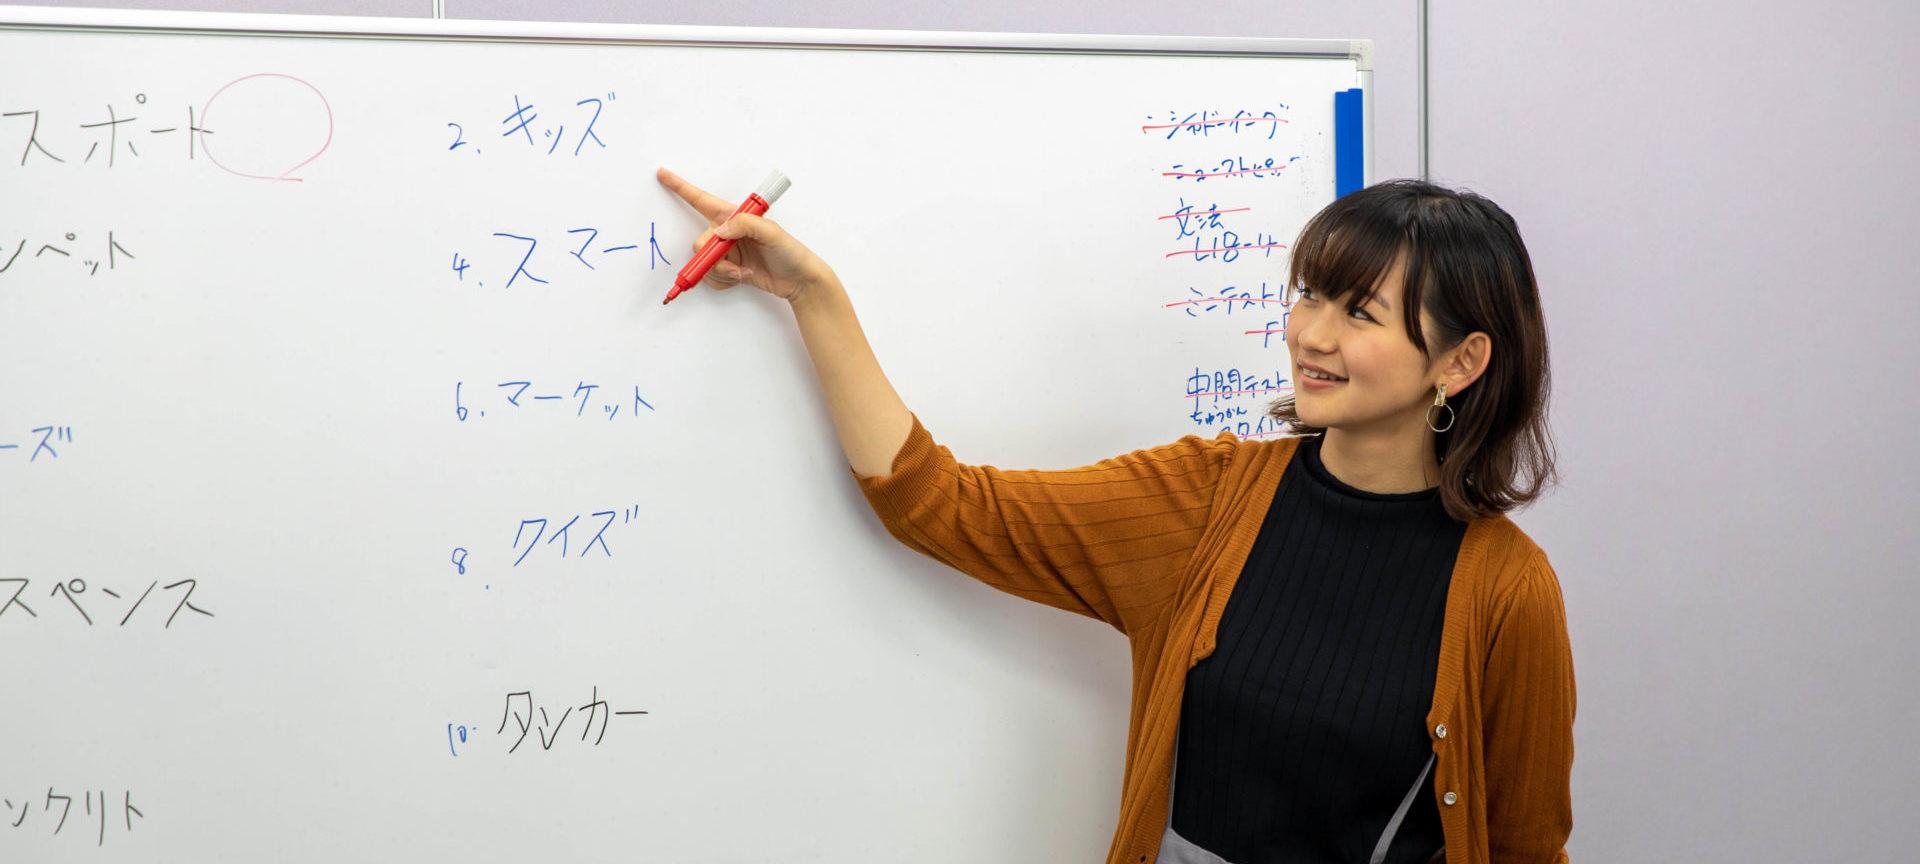 aprender japonês por imersão